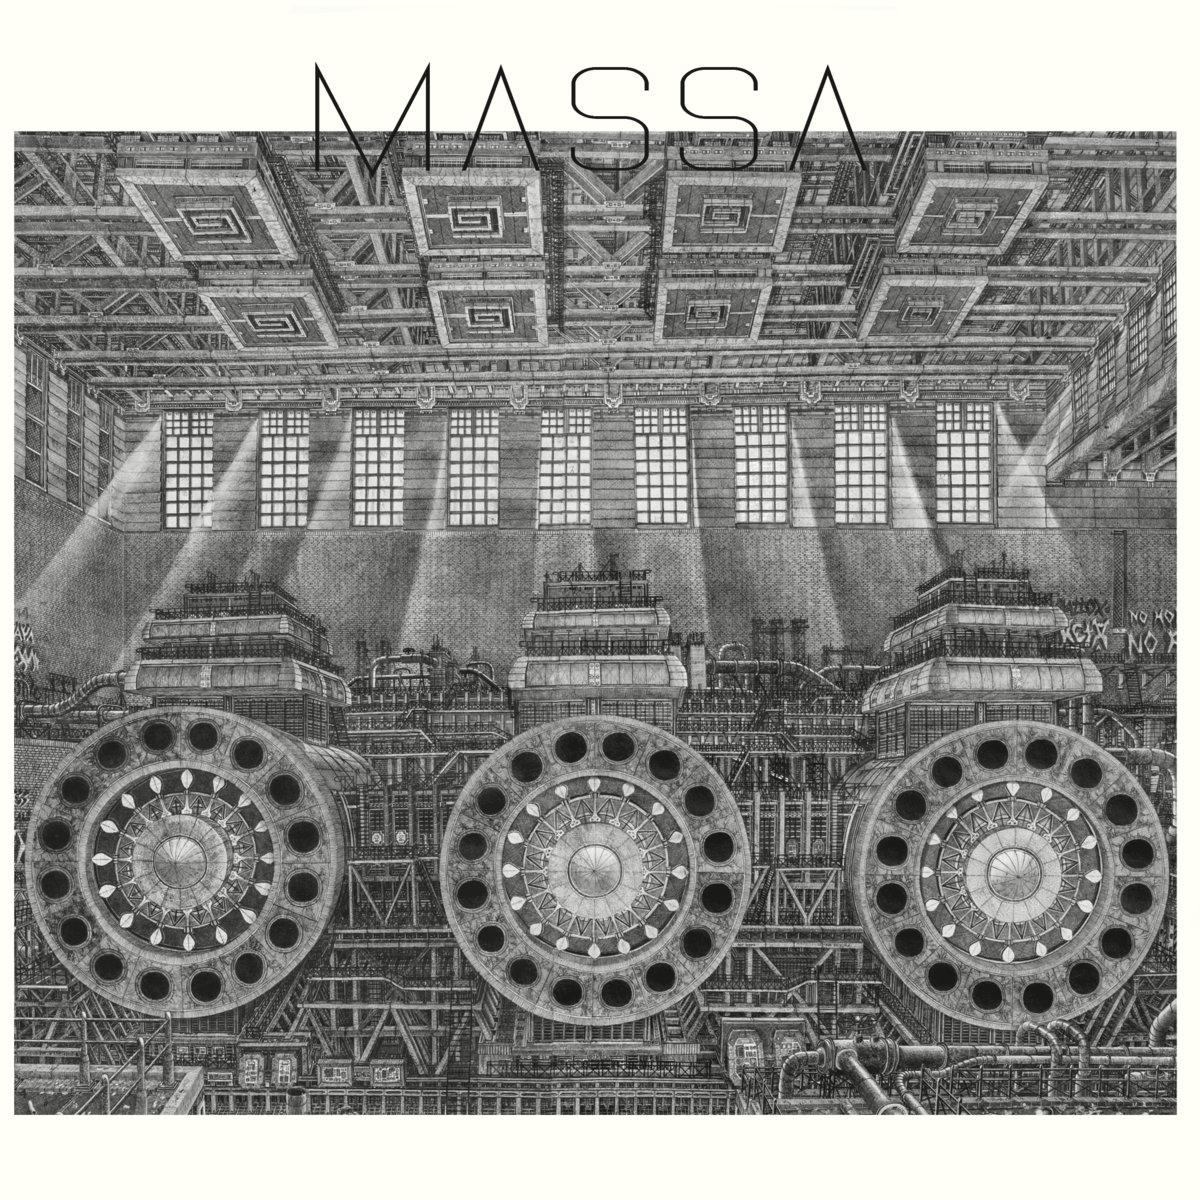 massa walls